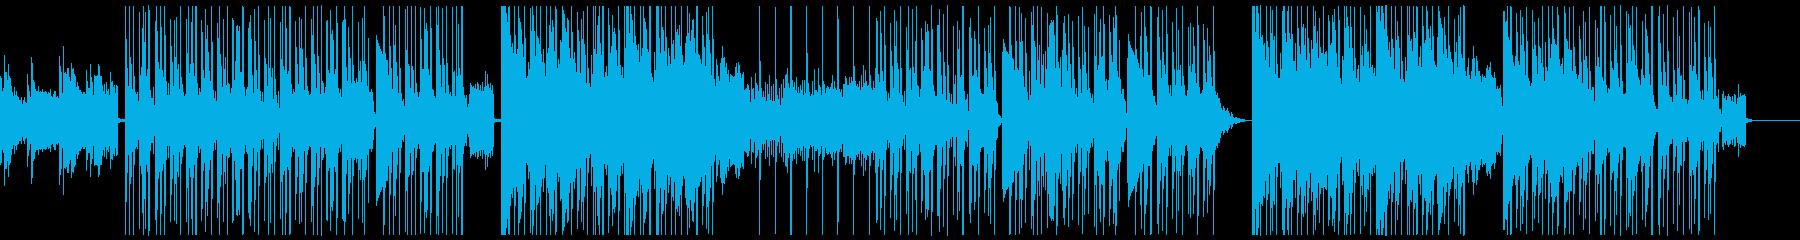 憂鬱で悲しい雰囲気のヒップホップBGMの再生済みの波形